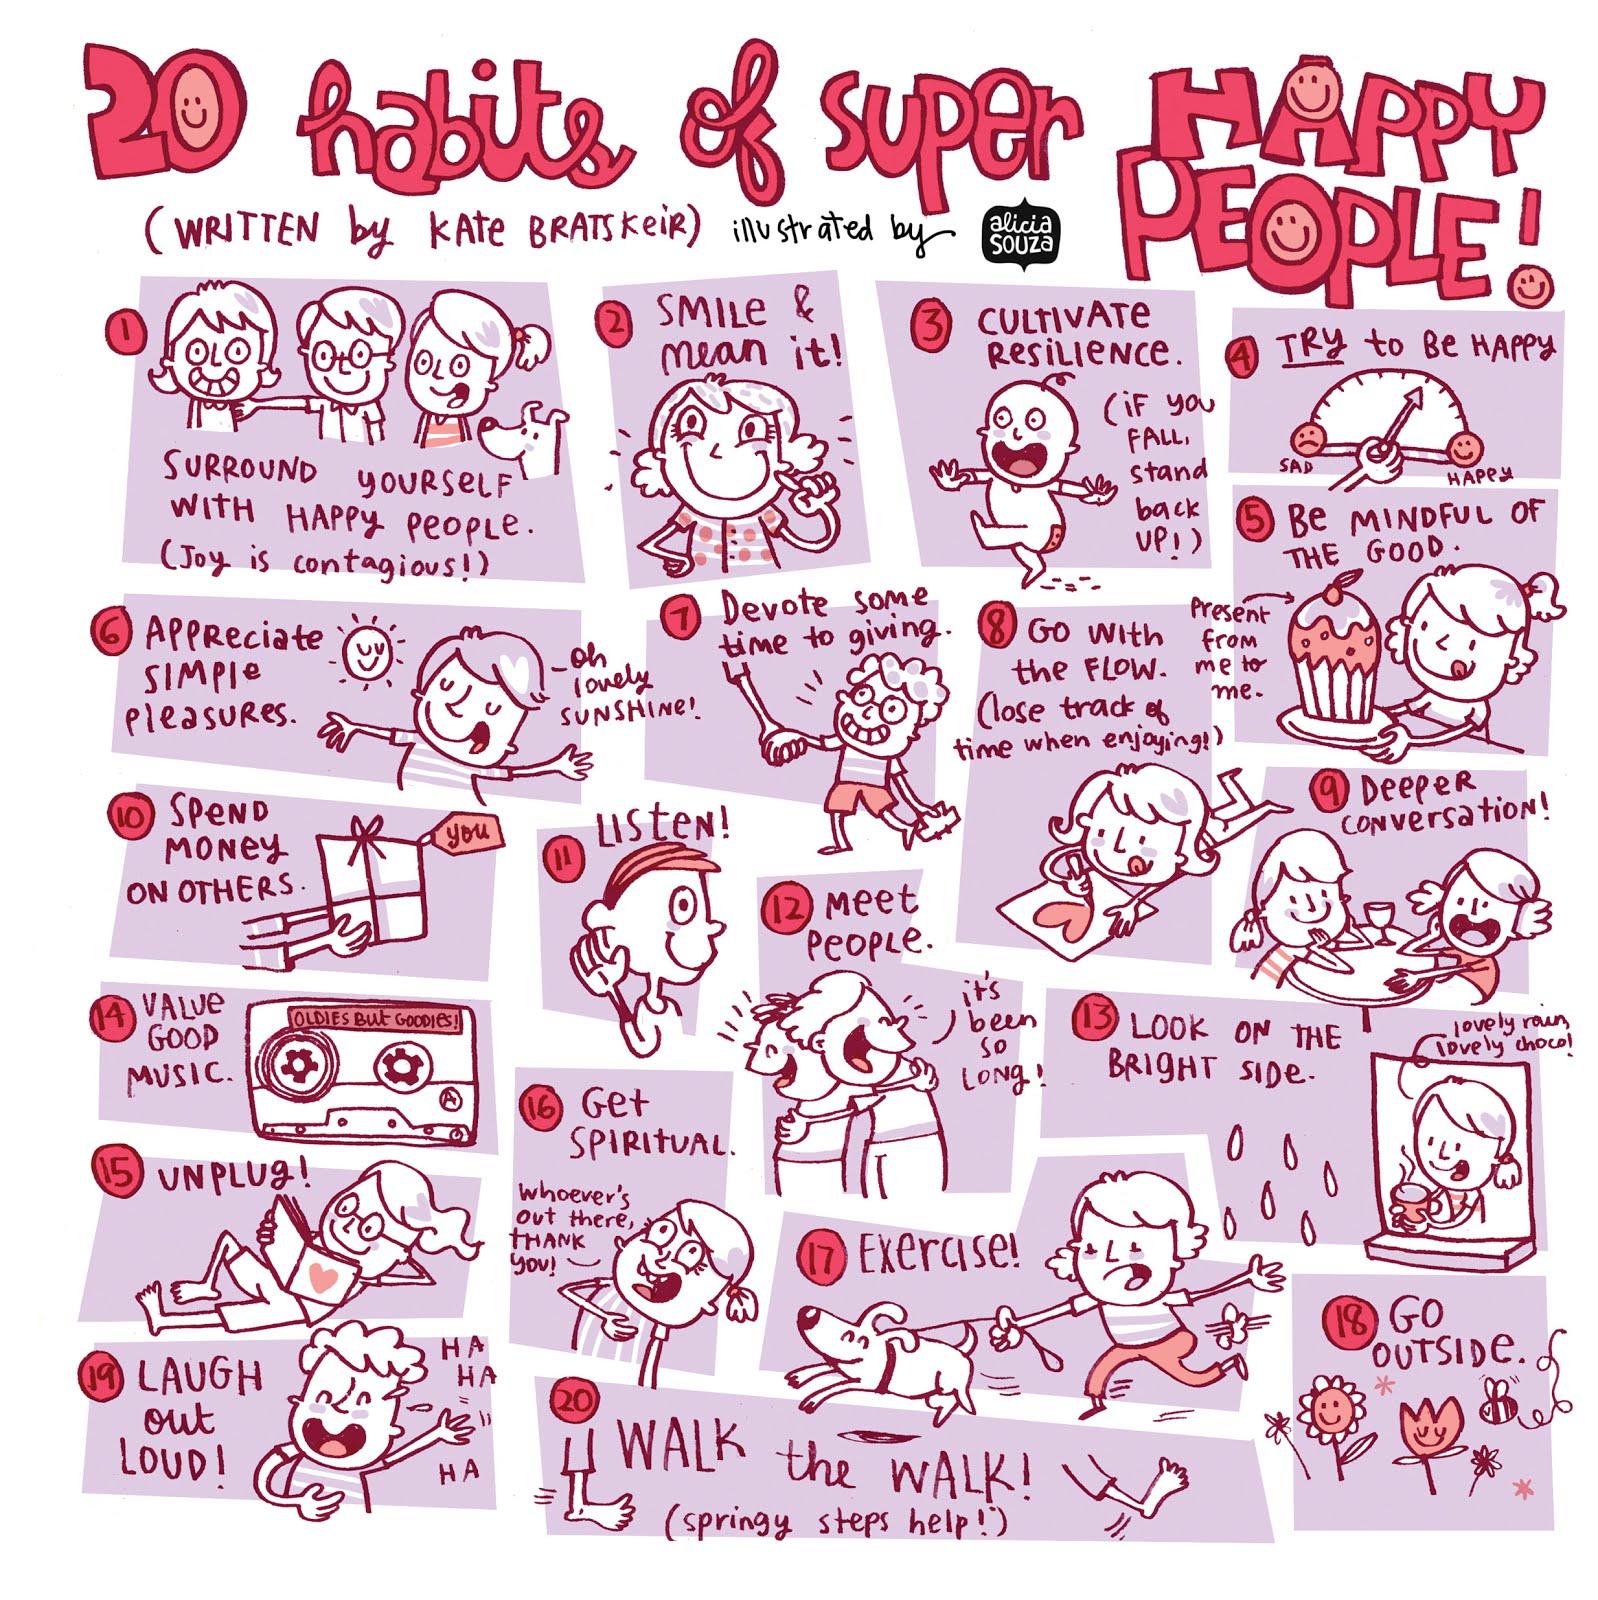 8 habits of happy people 100